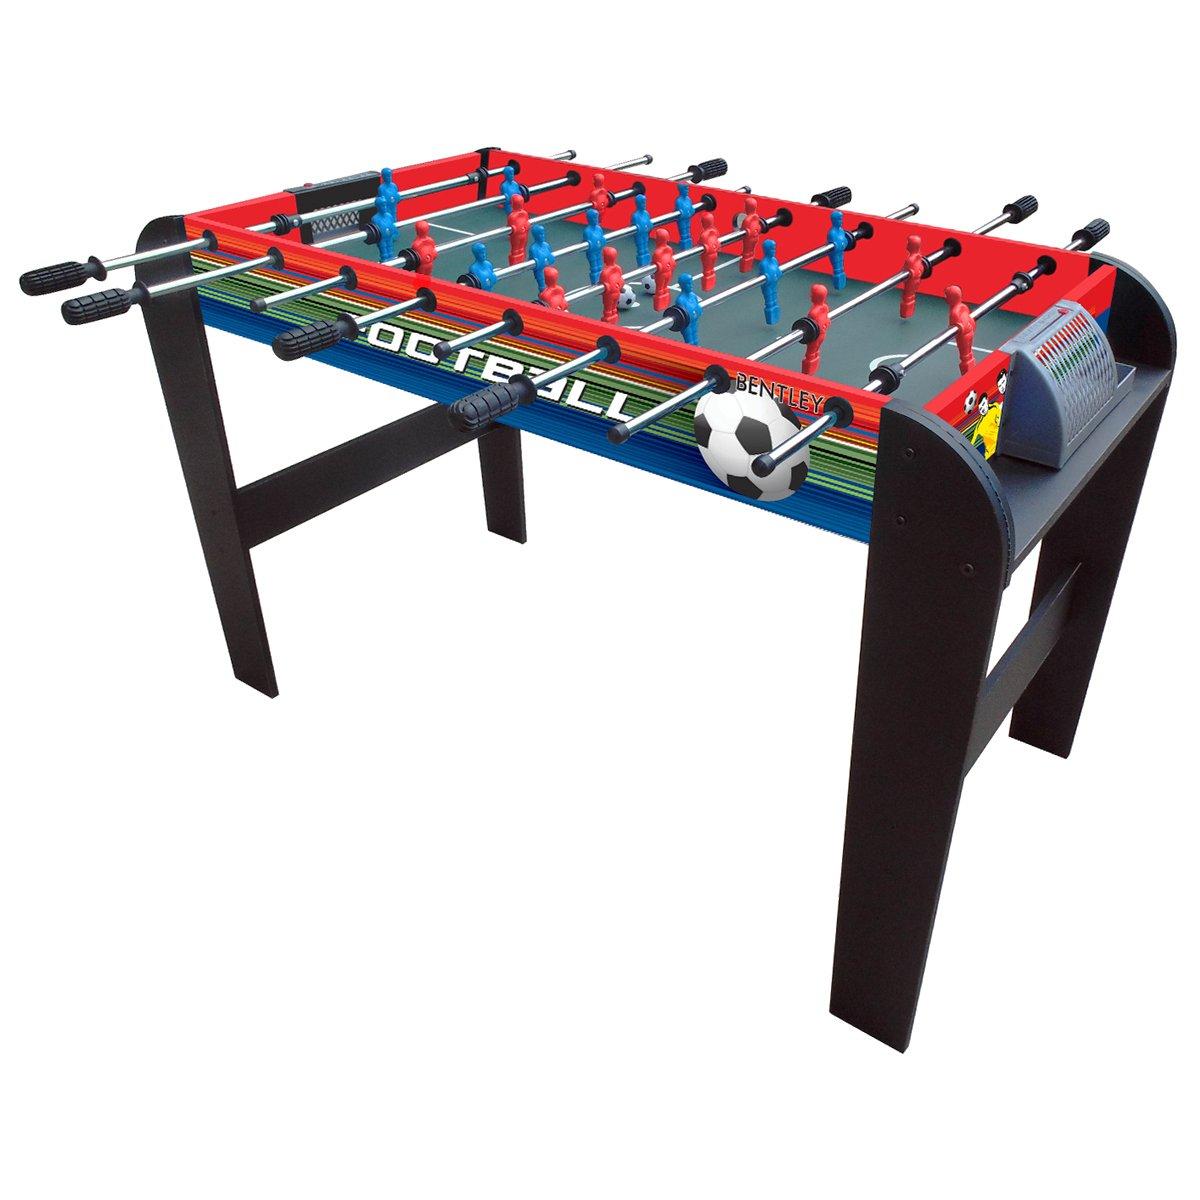 Charles Bentley Futbolín con 22 Jugadores - Incluye 2 Bolas y Marcador - 122 x 62 x 79 cm: Amazon.es: Deportes y aire libre